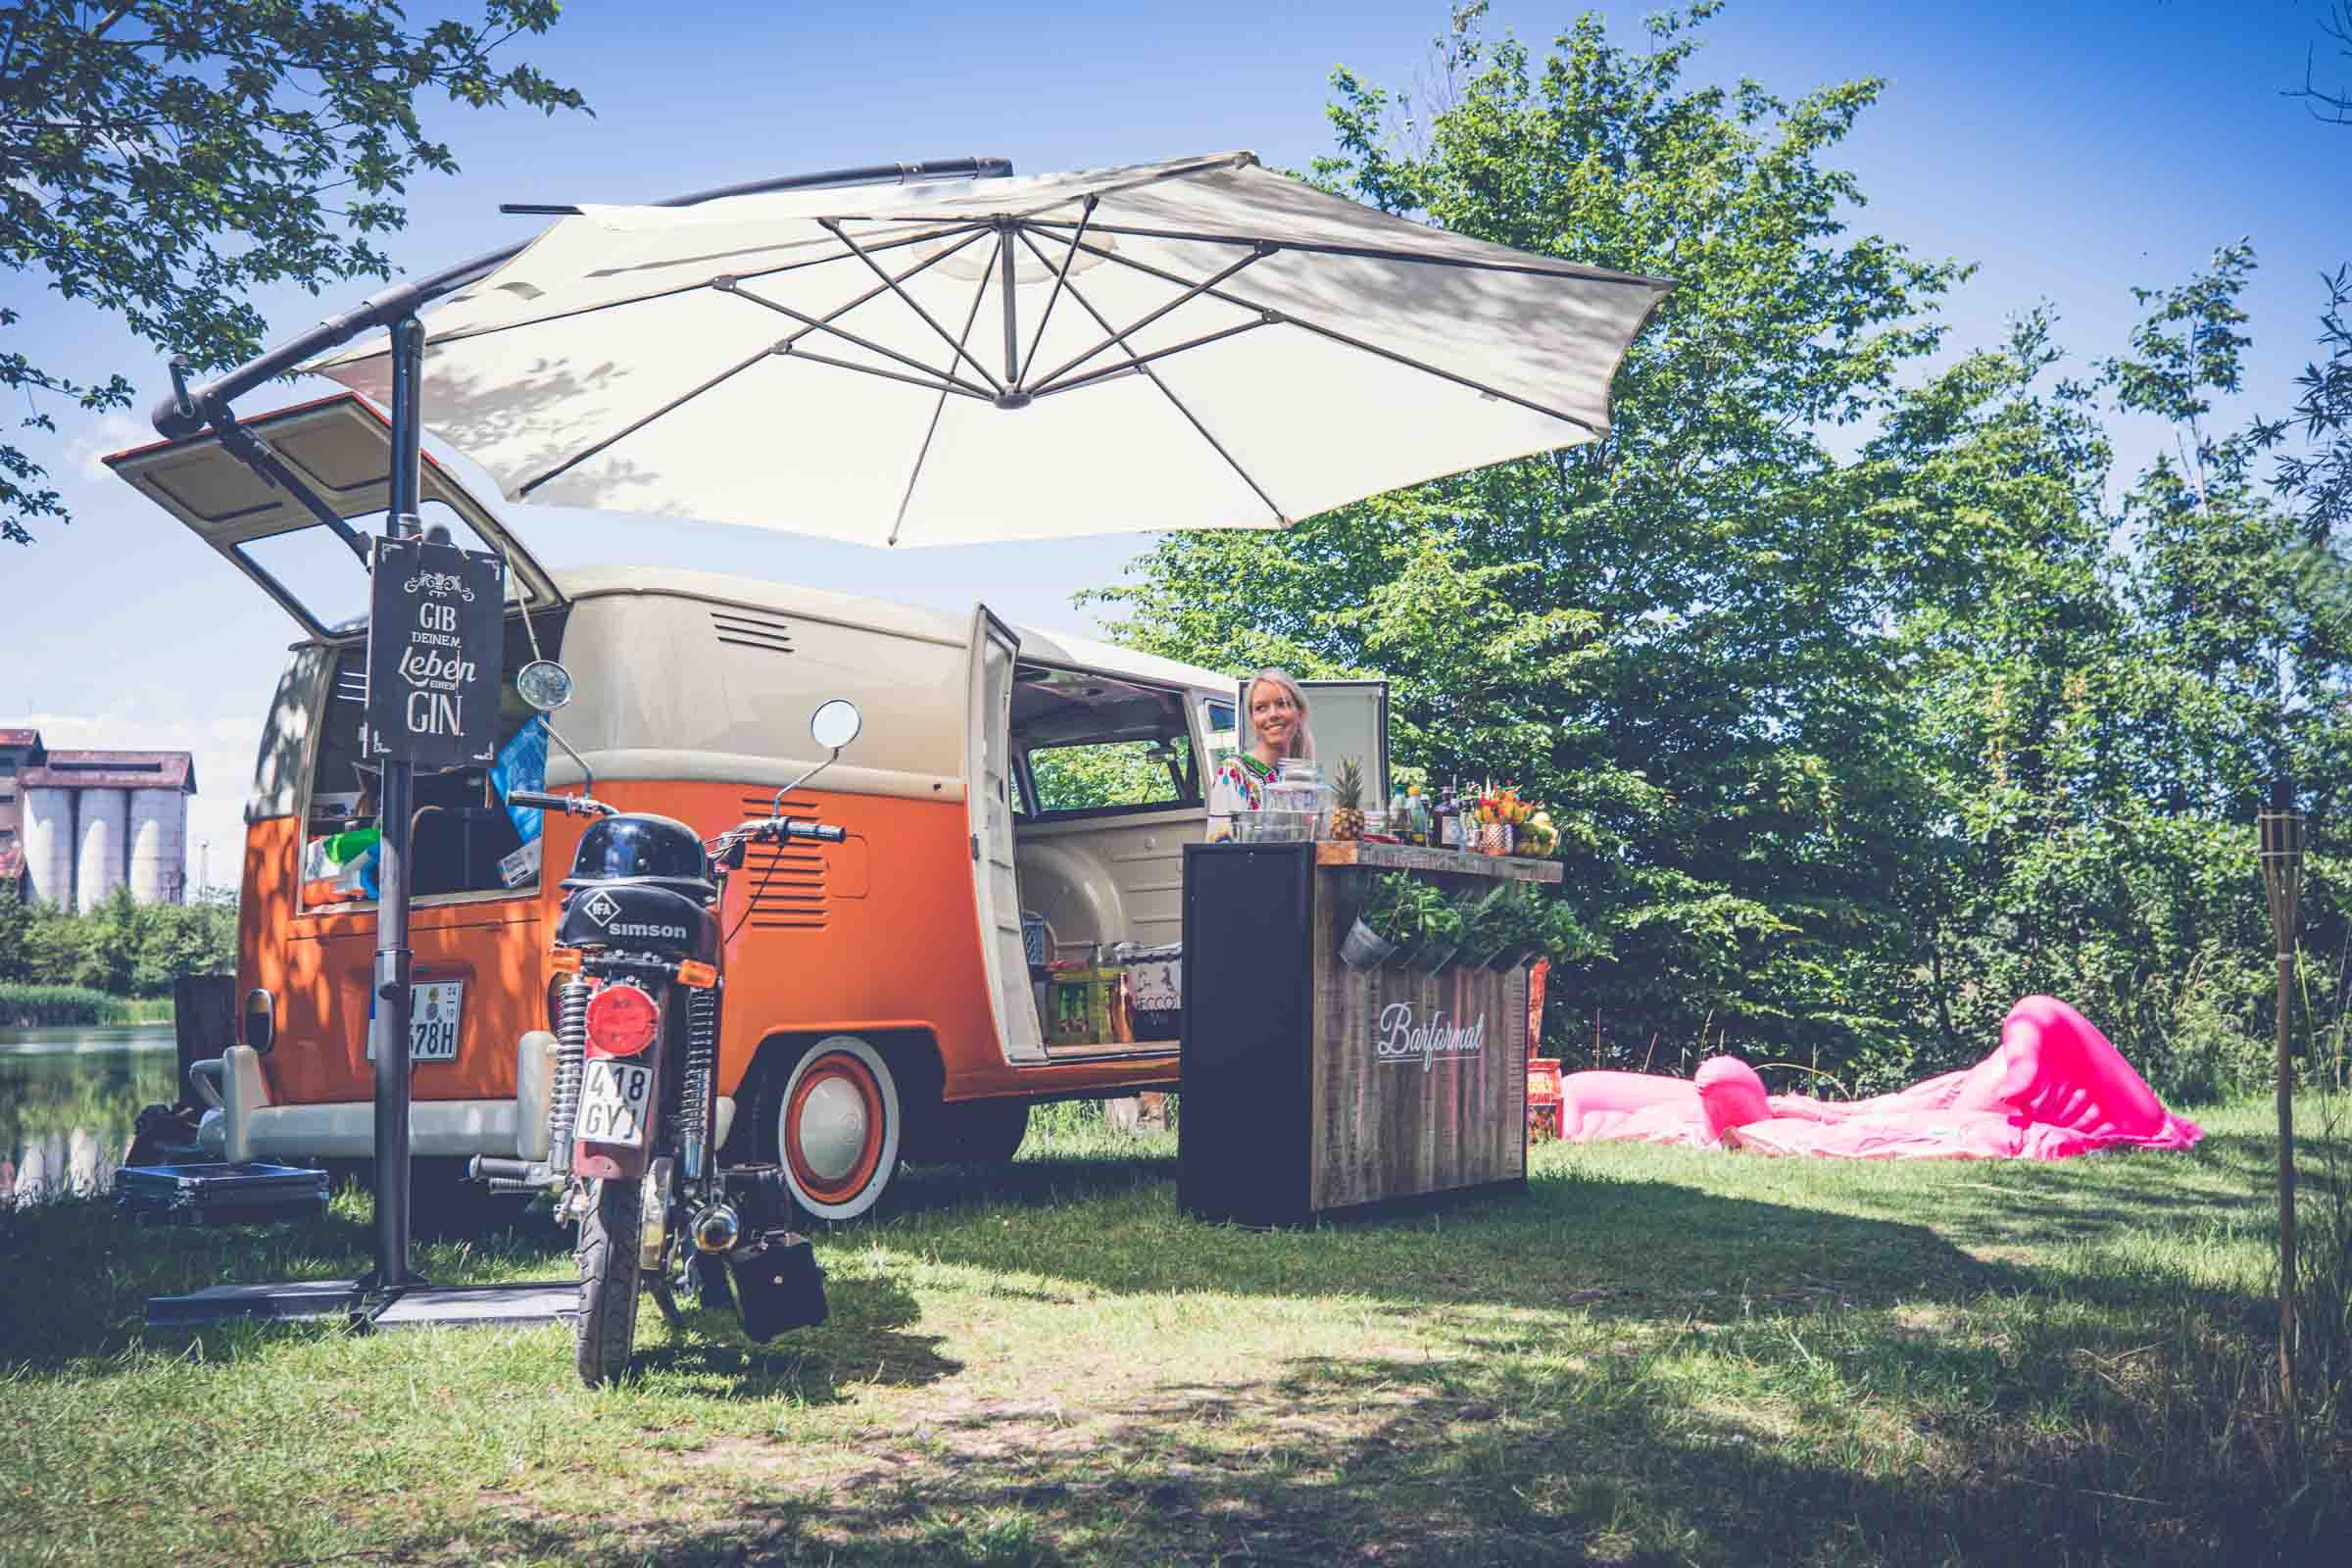 Barformat - Mobile | Bar | Cocktailservice | Hannover | Getränke | Catering | Cocktails | Wein | Aperitif | Foodtruck | Weinbar | Kaffeebar | Whiskybar | Ginbar | Hochzeit | Messe | Firmenfeier | Buchen | Mieten | Anfragen